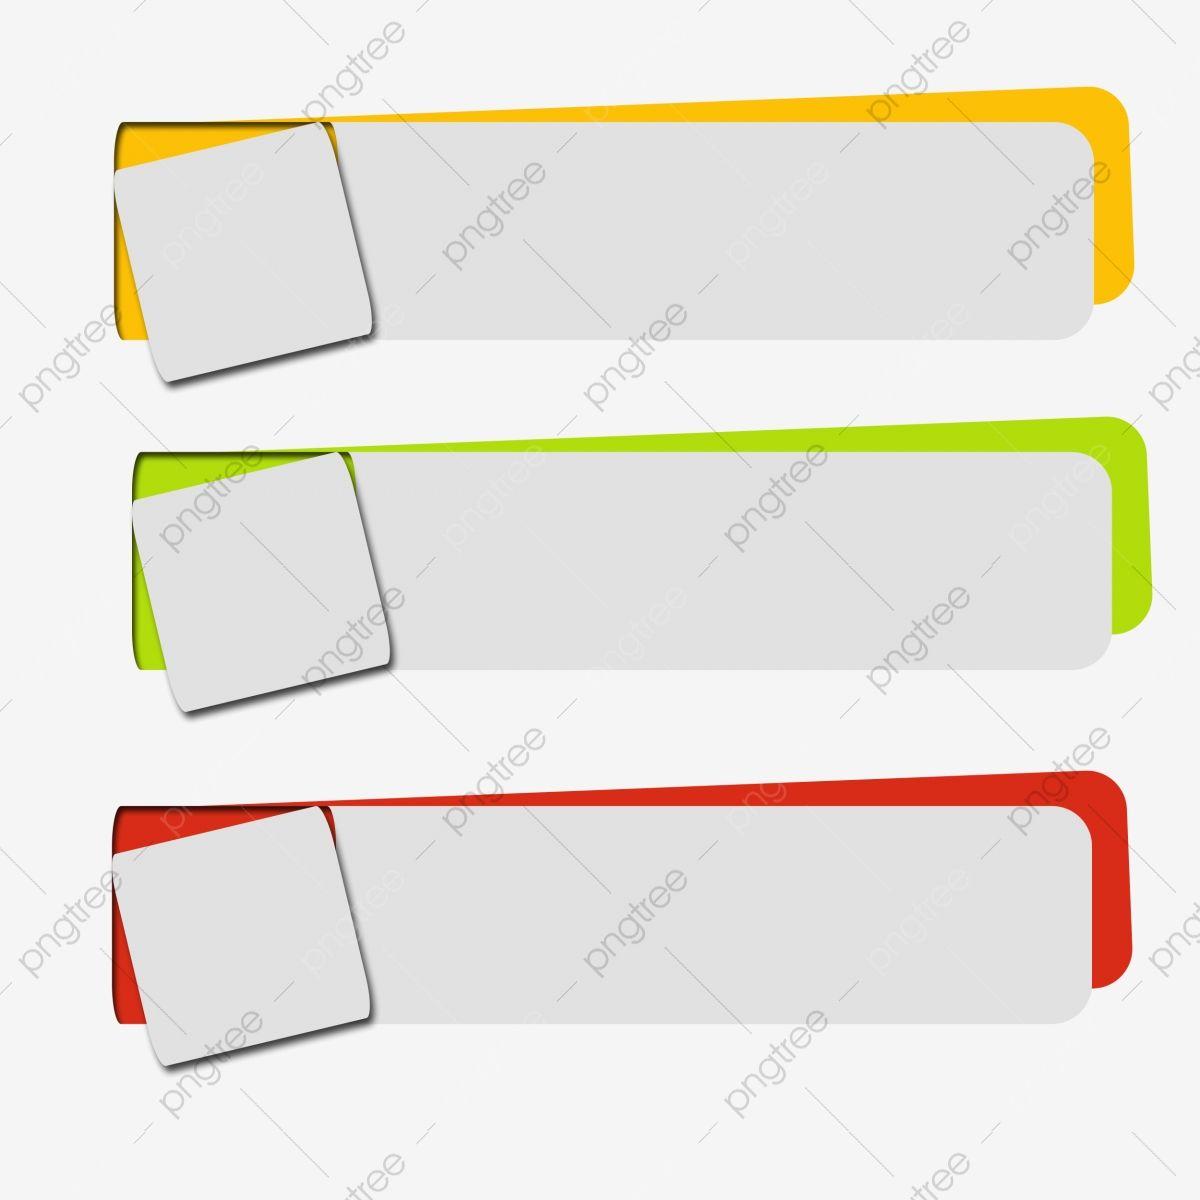 رسومي الخيار شعار مكافحة ناقلات بي إن جي مربع الكتابة مخطط معلومات بياني Png وملف Psd للتحميل مجانا In 2021 Powerpoint Background Design Page Borders Design Powerpoint Background Templates